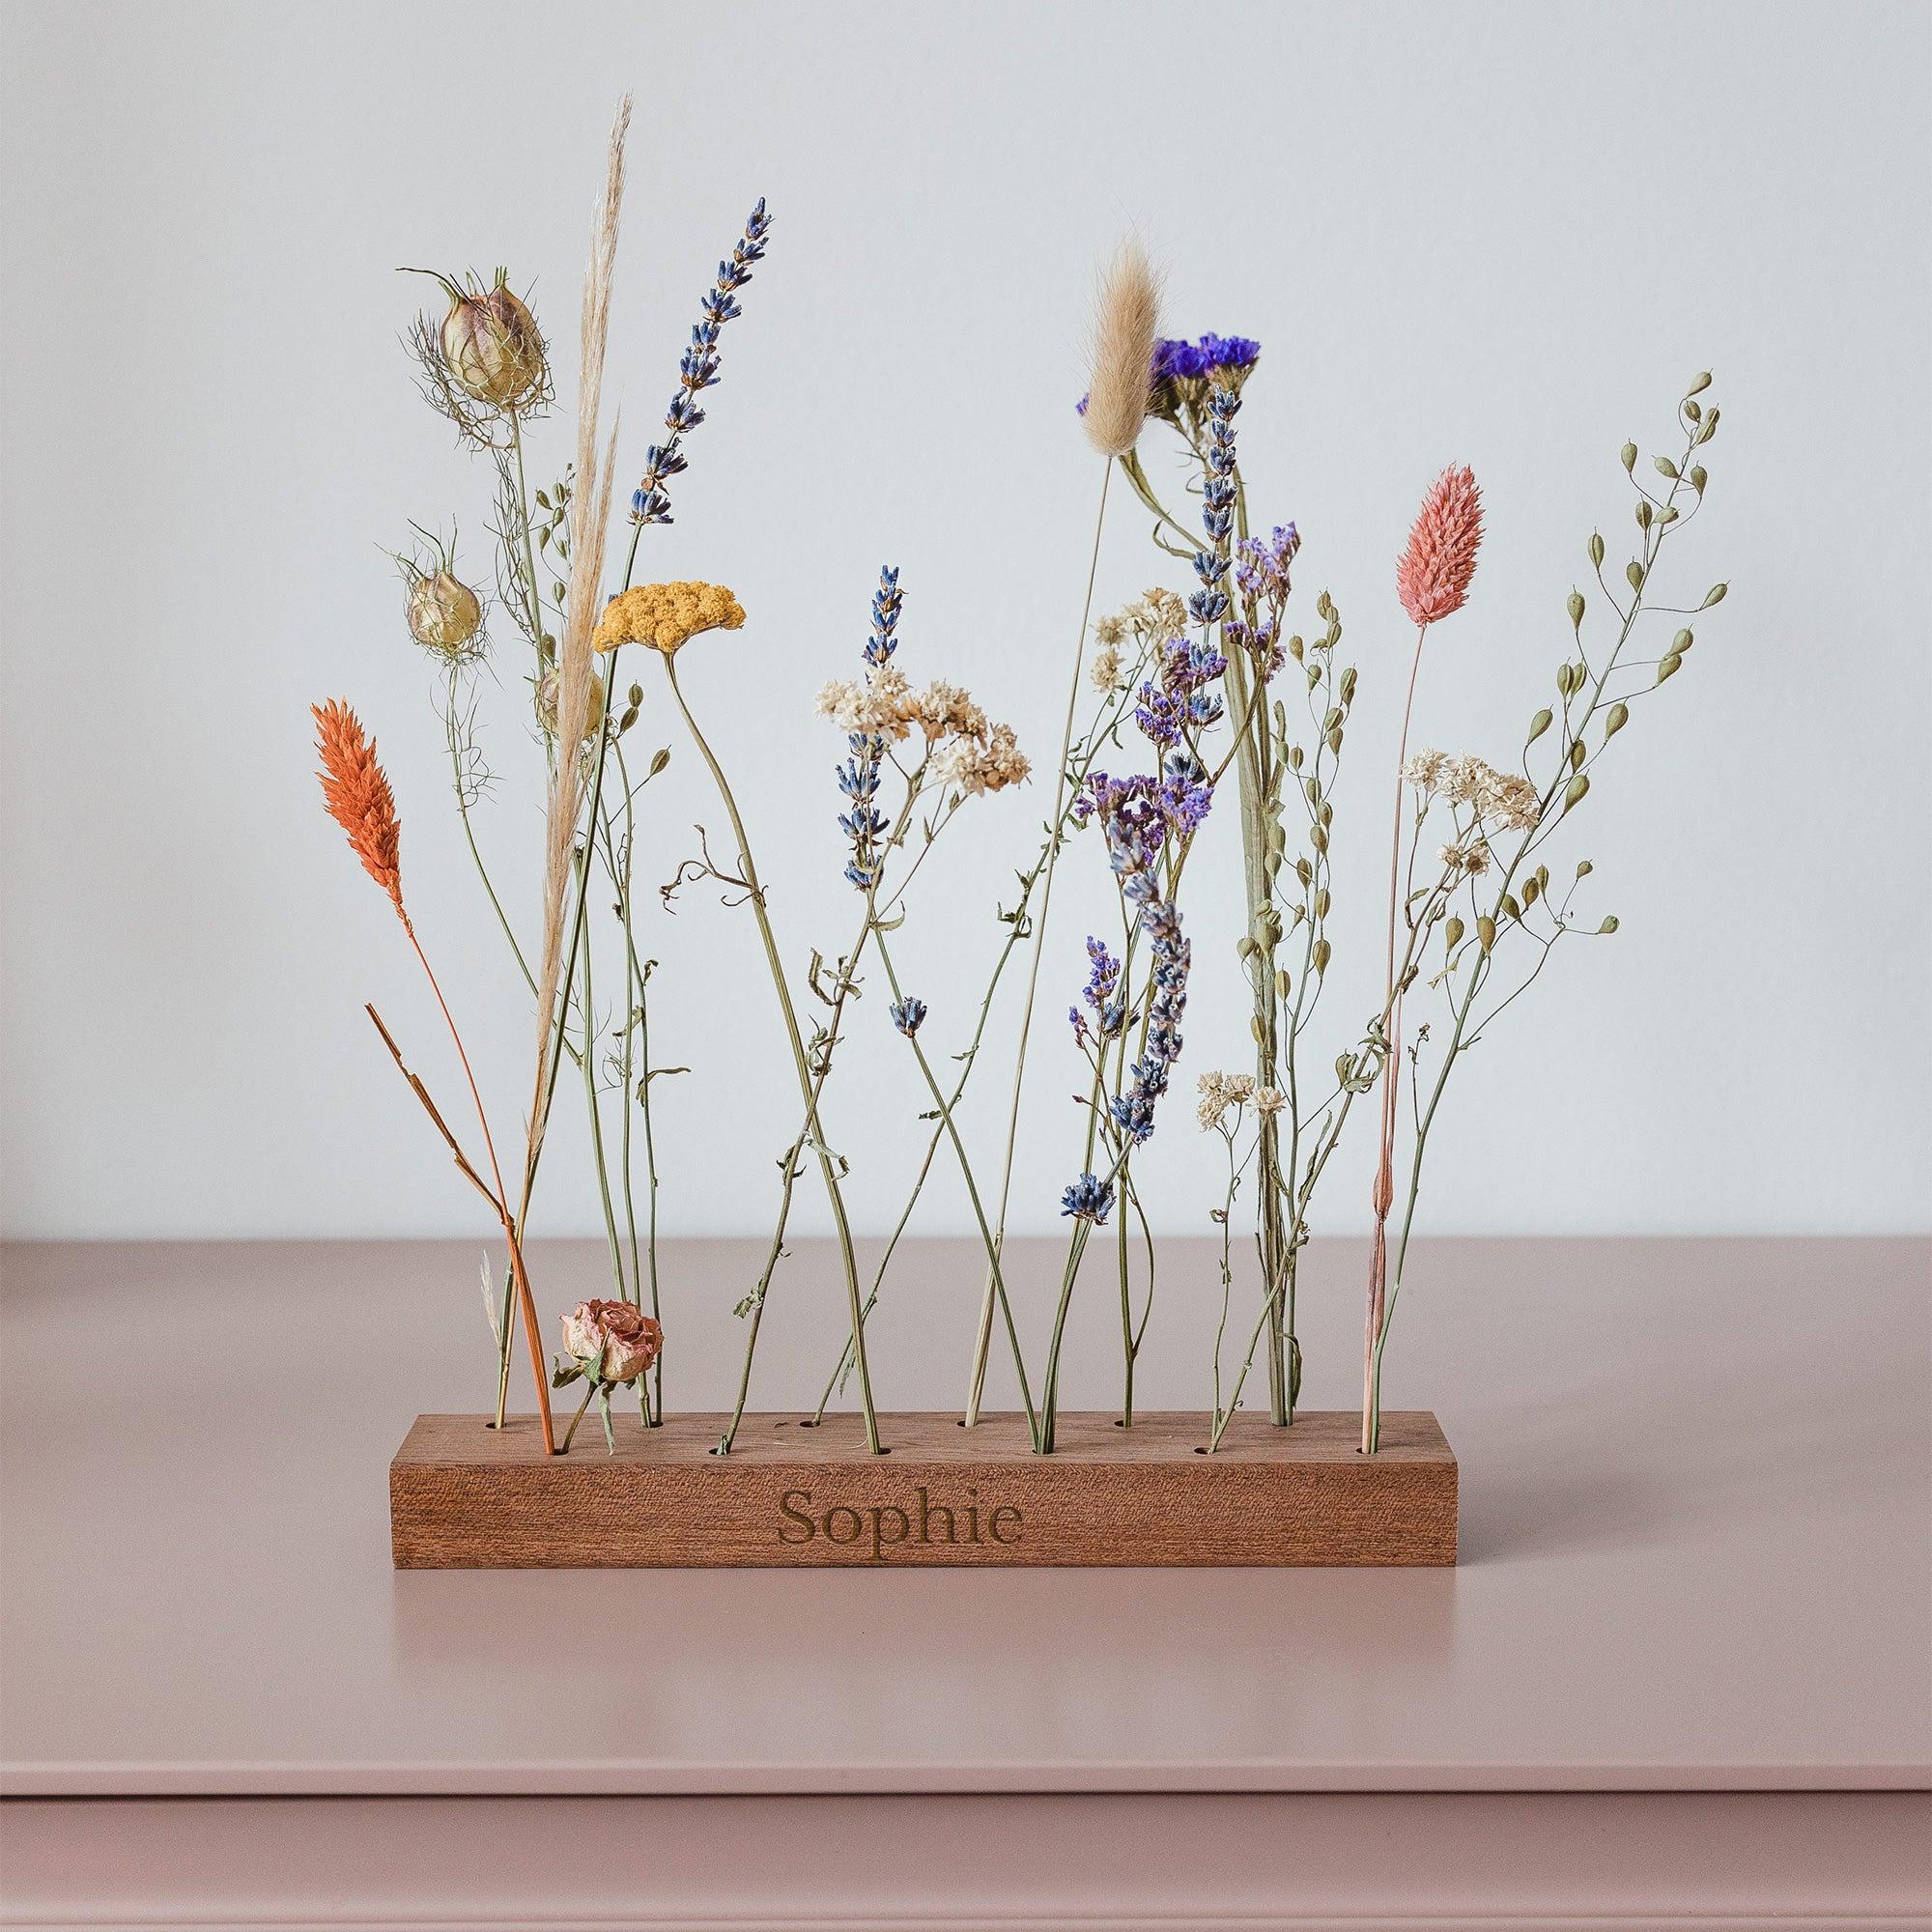 Droogbloemen in gepersonaliseerde houten houder met naam